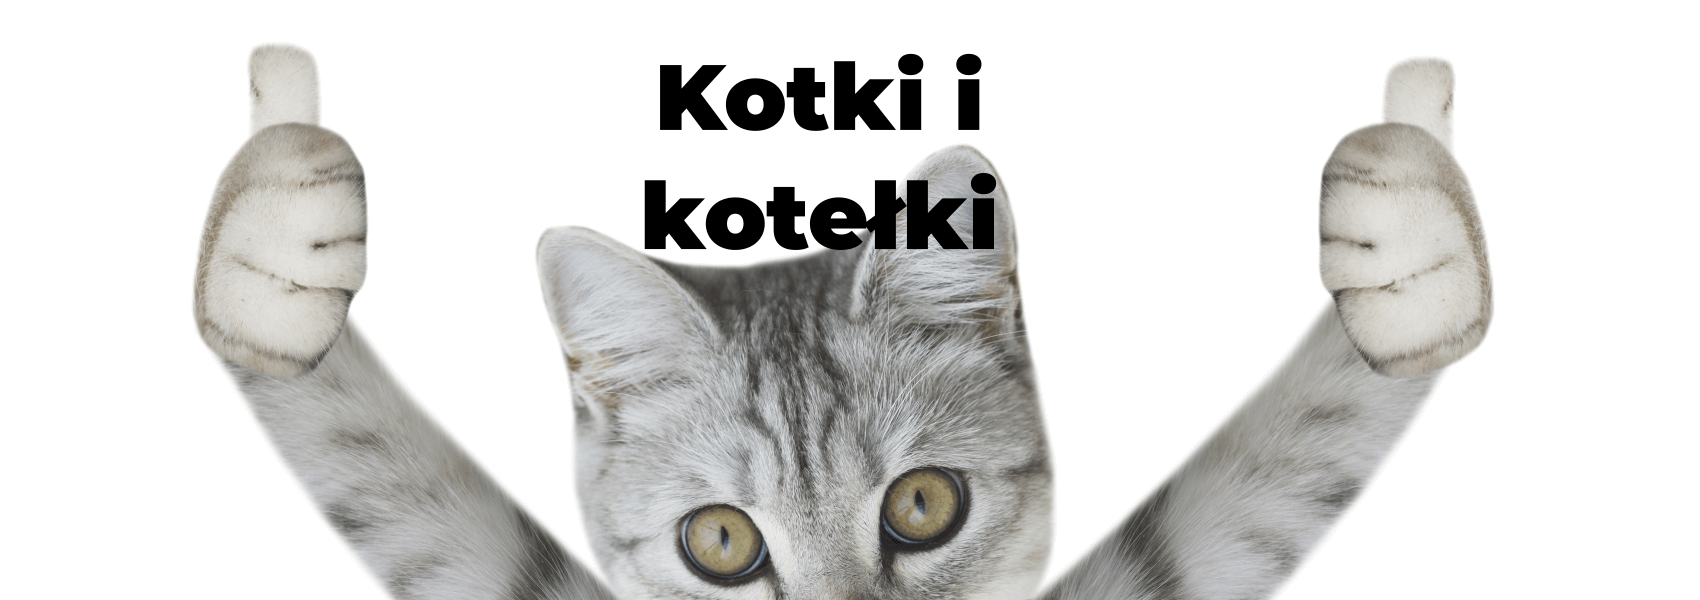 kotki i kotełki